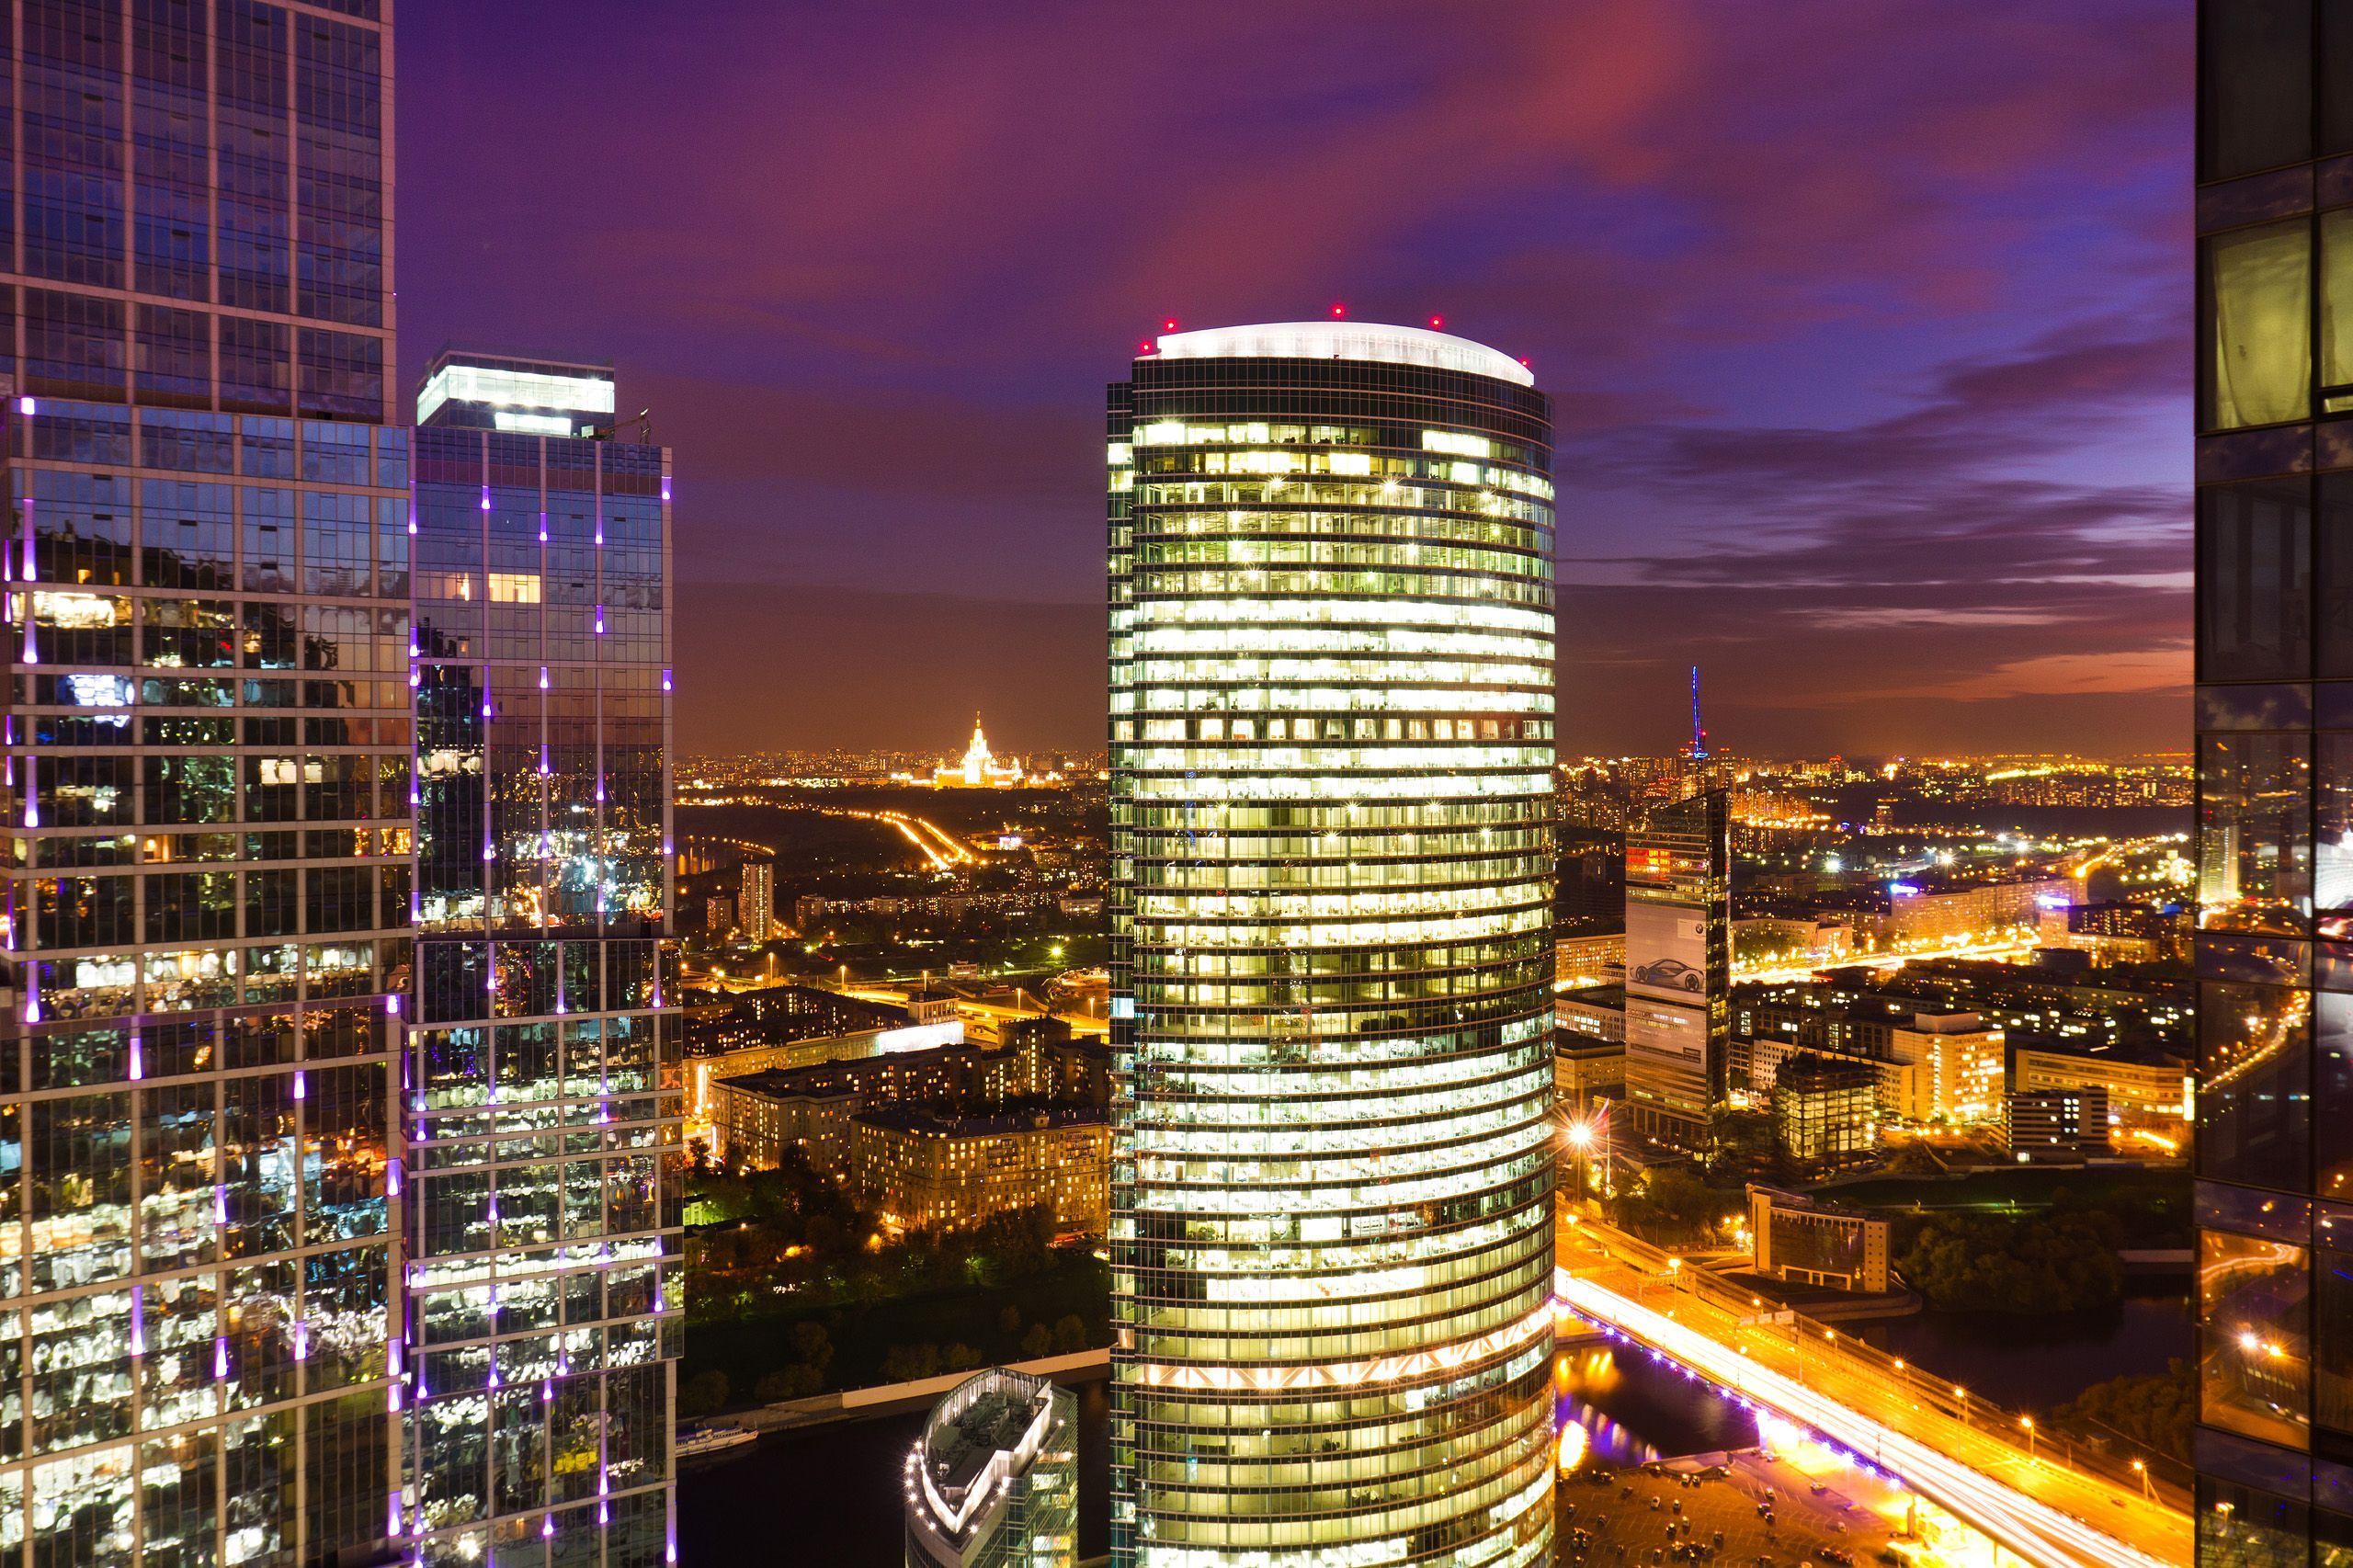 страны город архитектура ночь Москва сити Россия  № 2582875  скачать